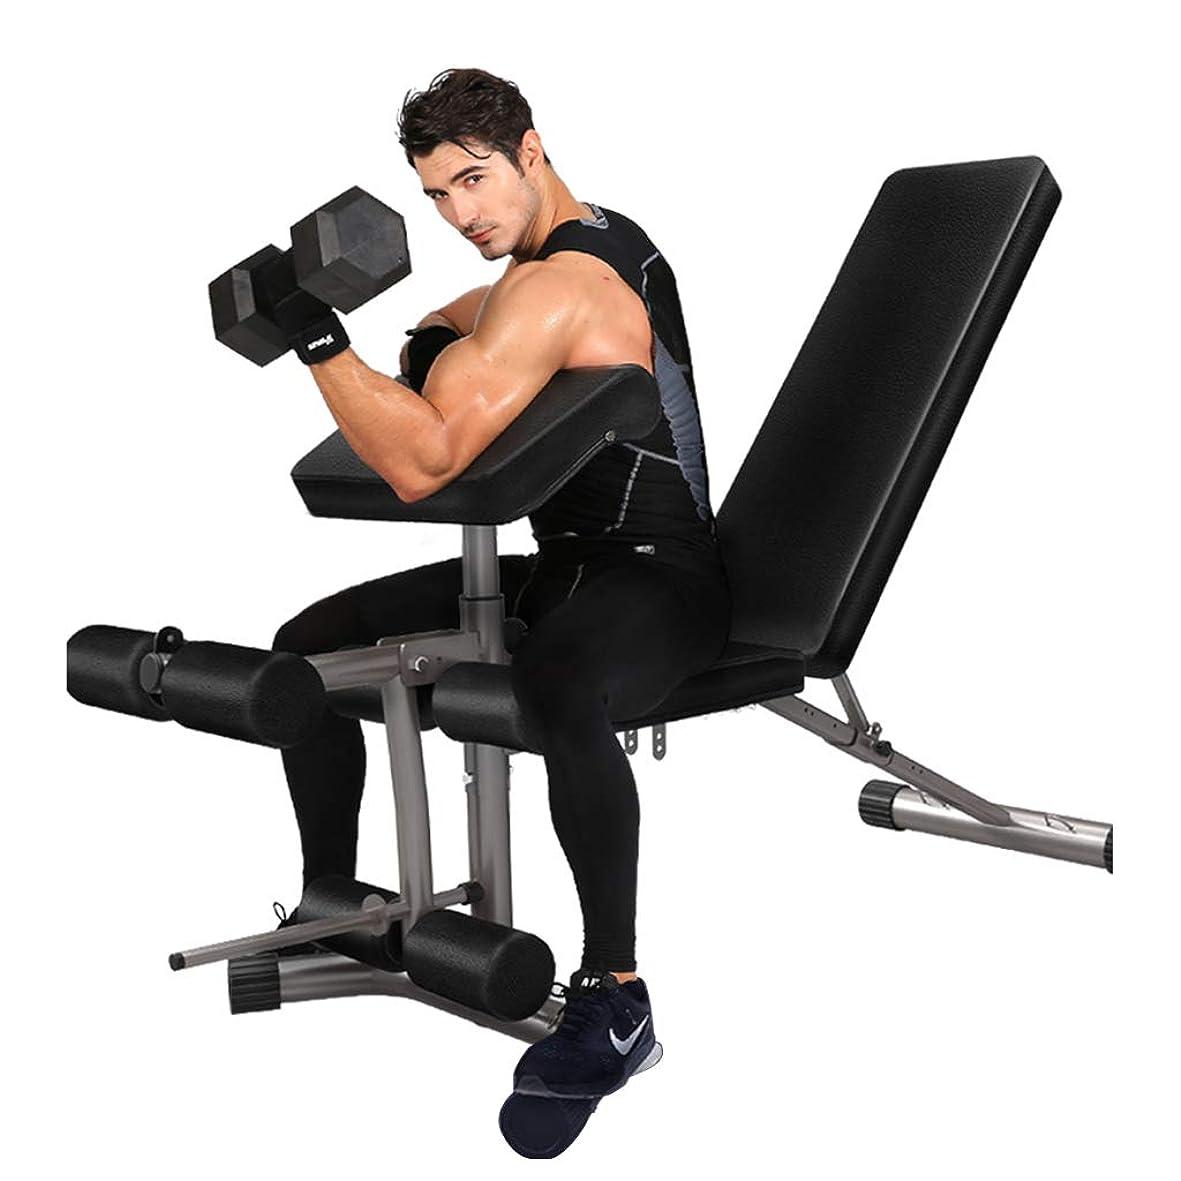 応答文庫本説明するトレーニングベンチ ダンベルスツール多機能ベンチプレス調節可能なフィットネスチェアダンベルベンチ座って姿勢キックトレーナー家庭用フィットネス機器 仰臥位ボード (Color : Black, Size : 171*65*47cm)